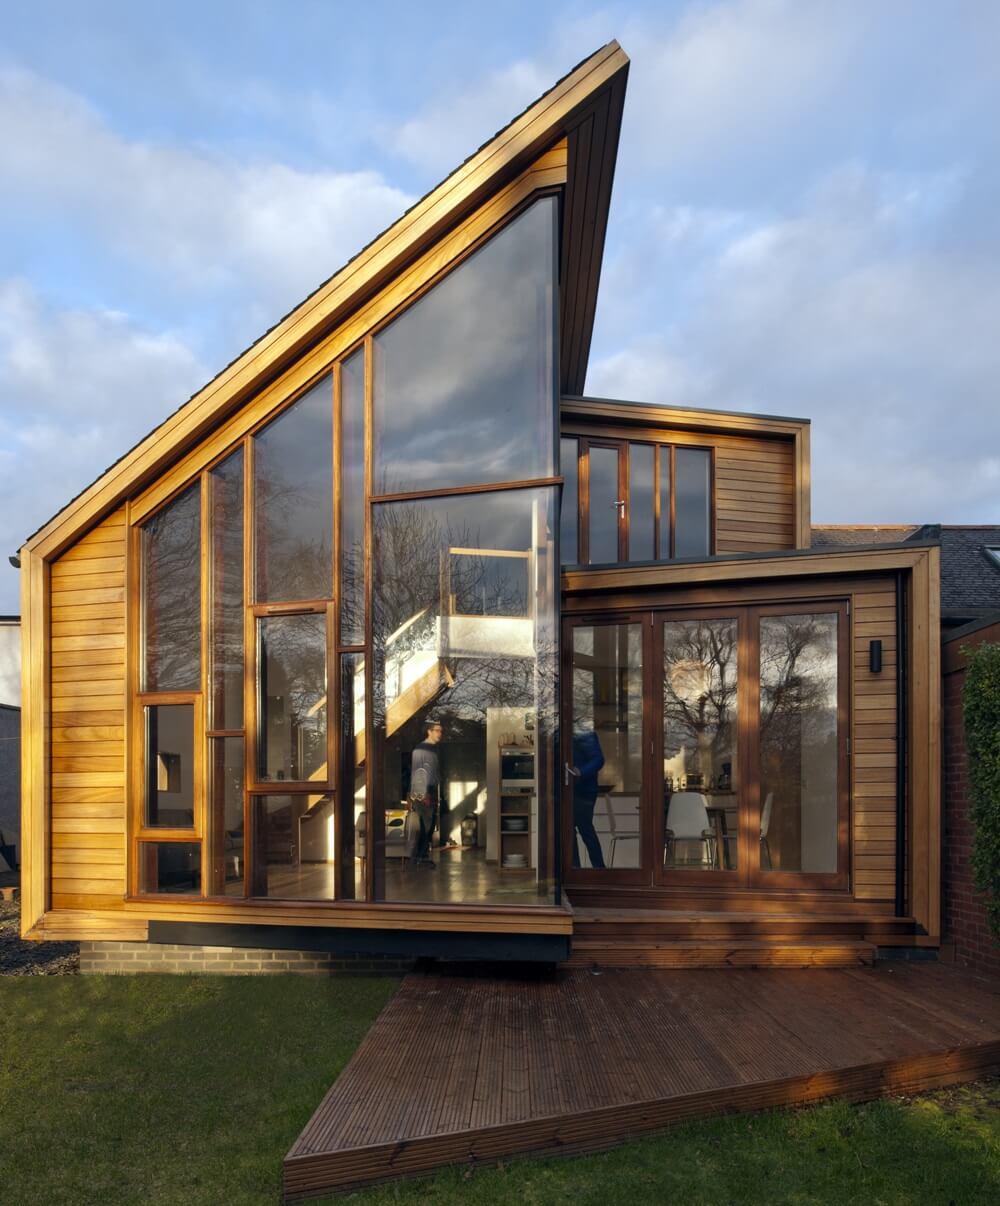 уверены, дома из стекла и дерева фото легенде местных